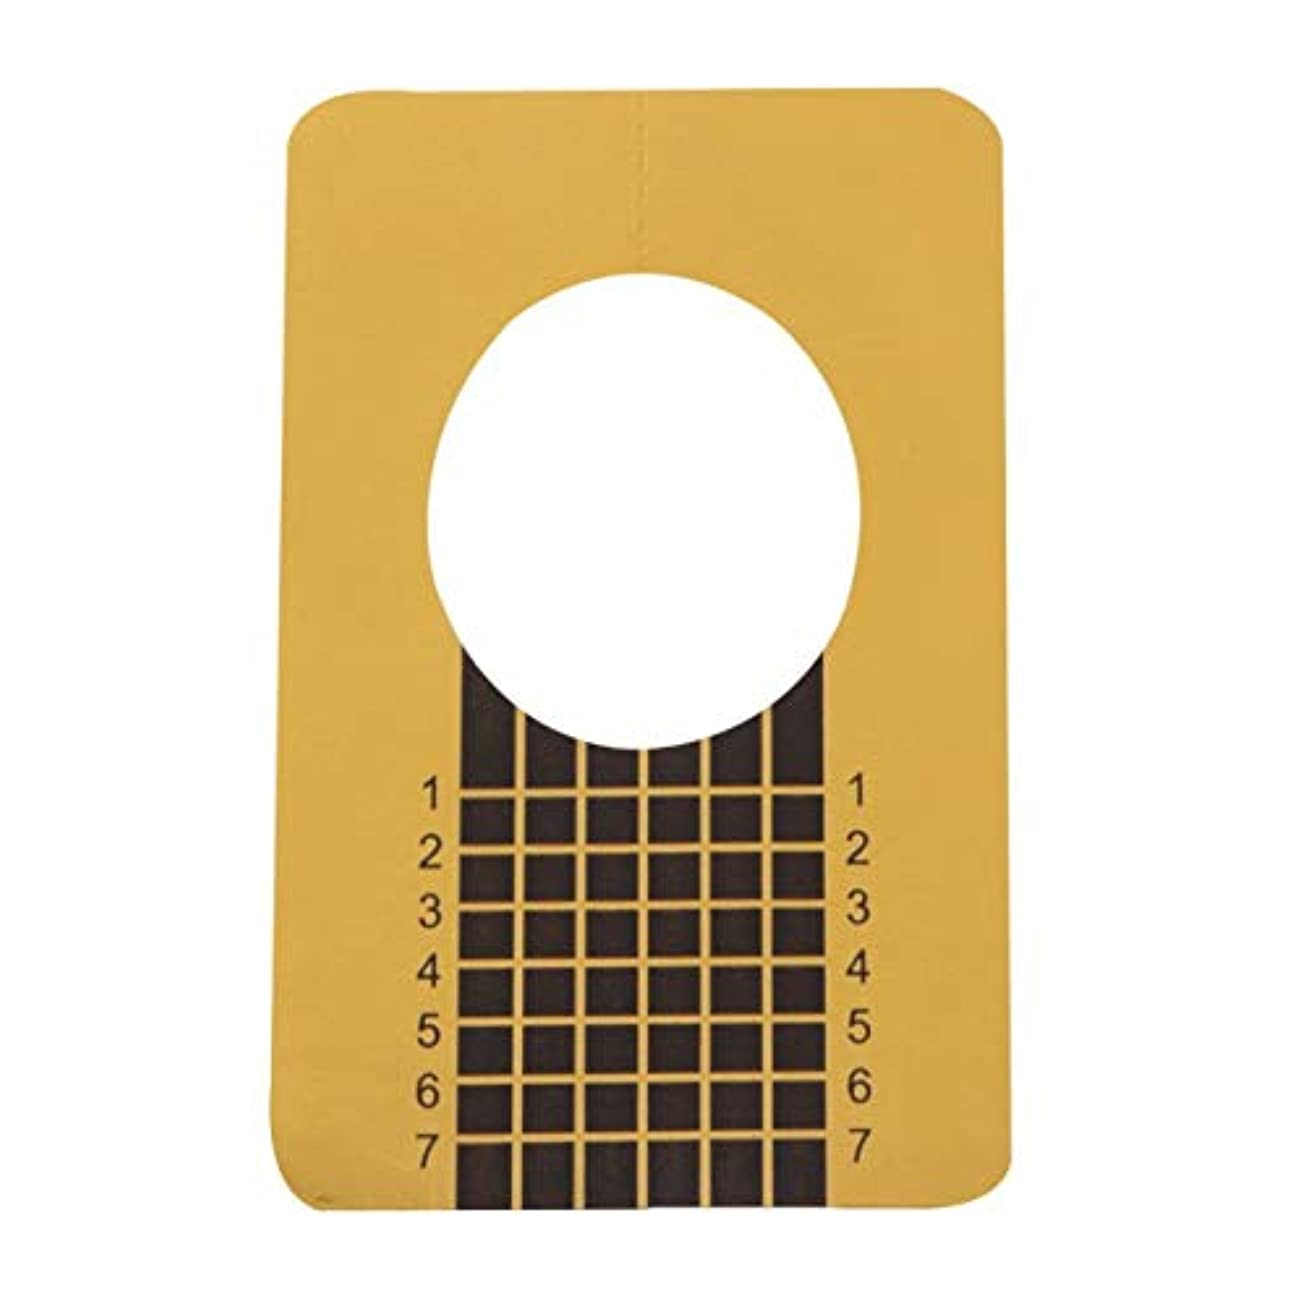 尾槍主張100ピース/セットプロフェッショナルネイルツールのヒントネイルアートガイドフォームアクリルチップジェルエクステンションステッカーネイルポリッシュカールフォームゴールド(色:金色)